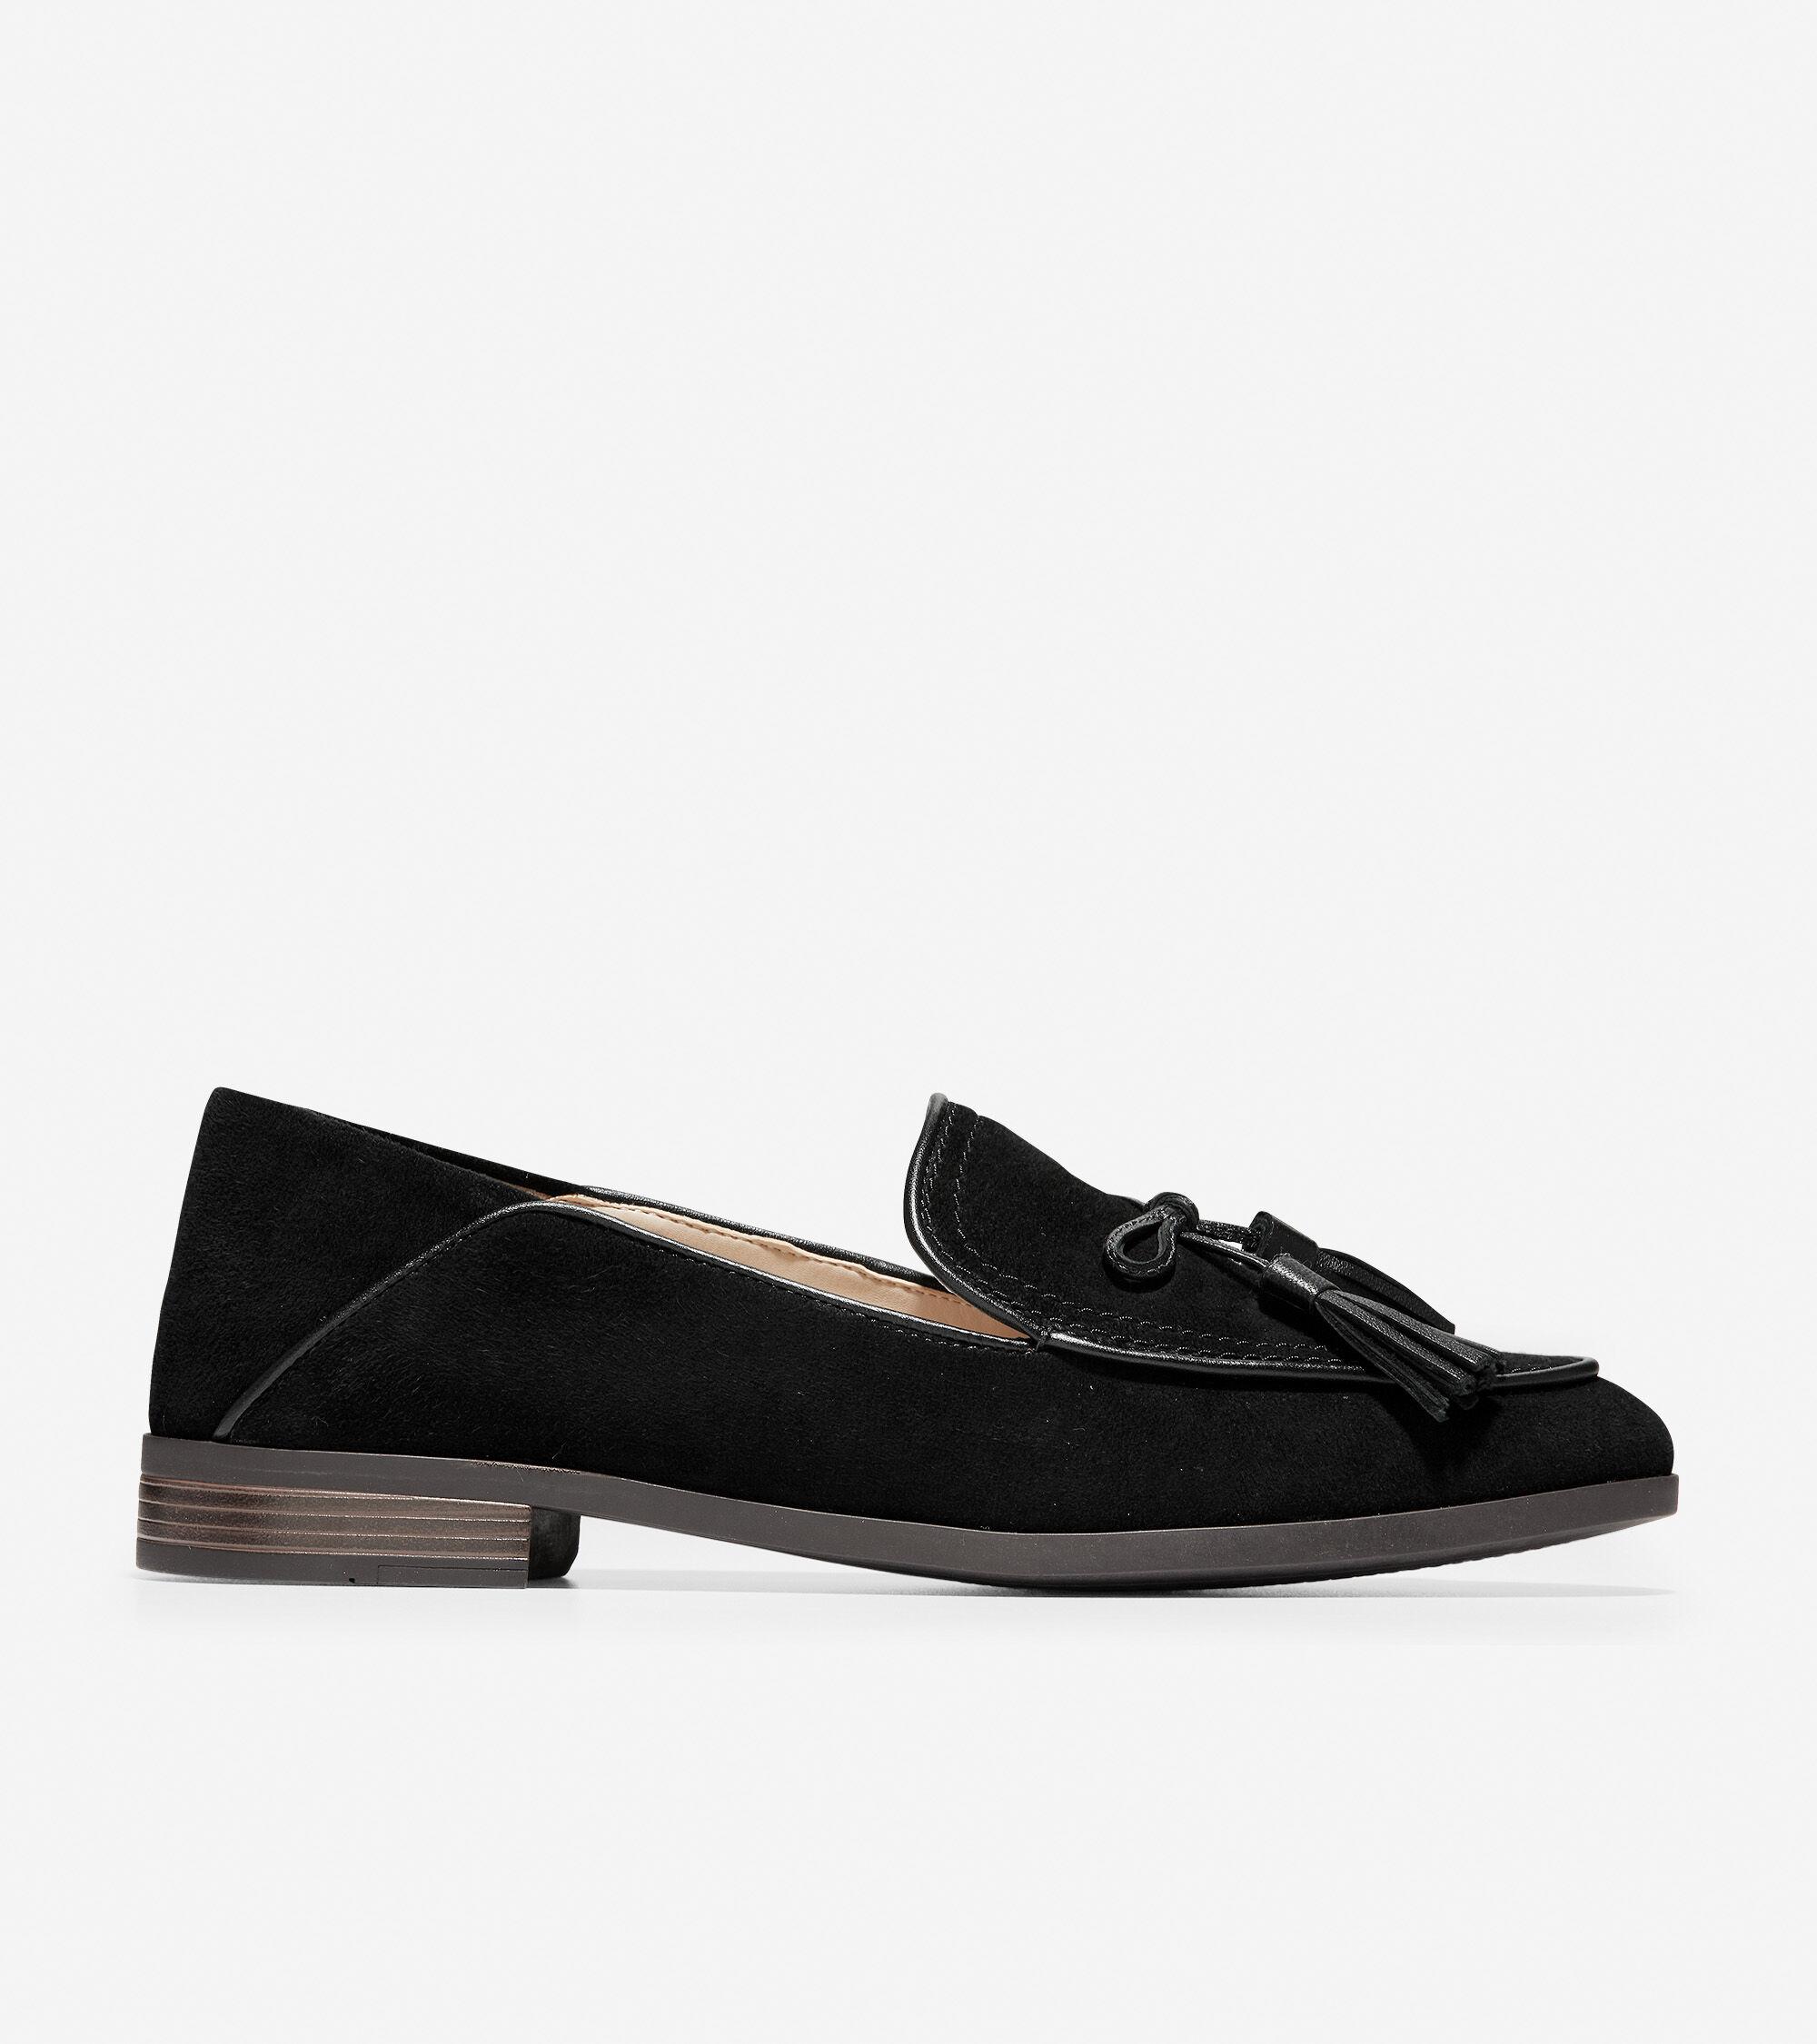 Pinch Soft Tassel Loafer in Black Suede